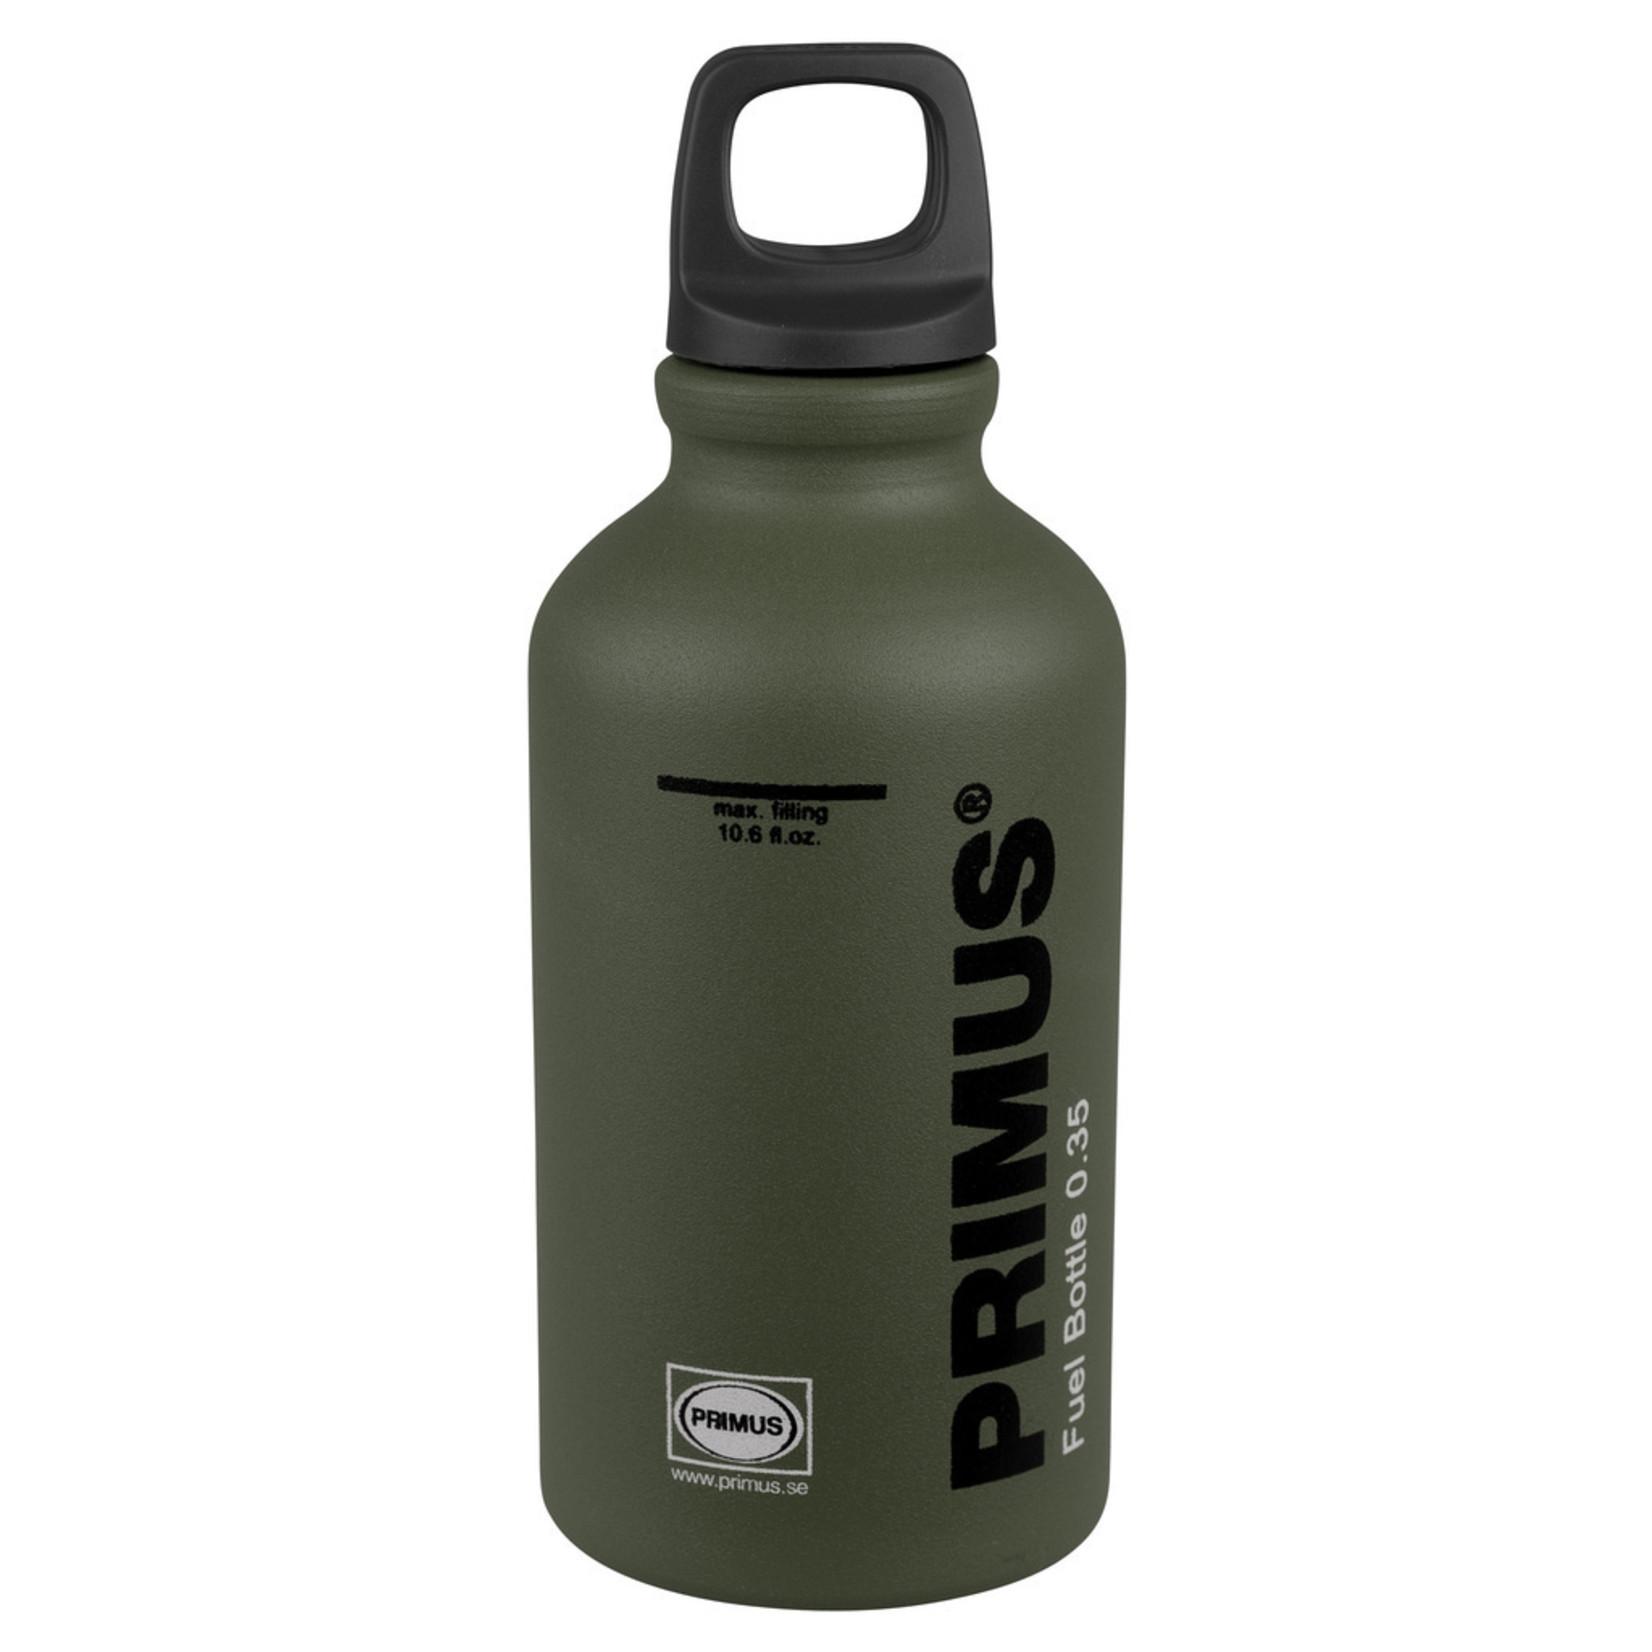 Primus Primus brandstoffles 0,35 liter forest green, licht